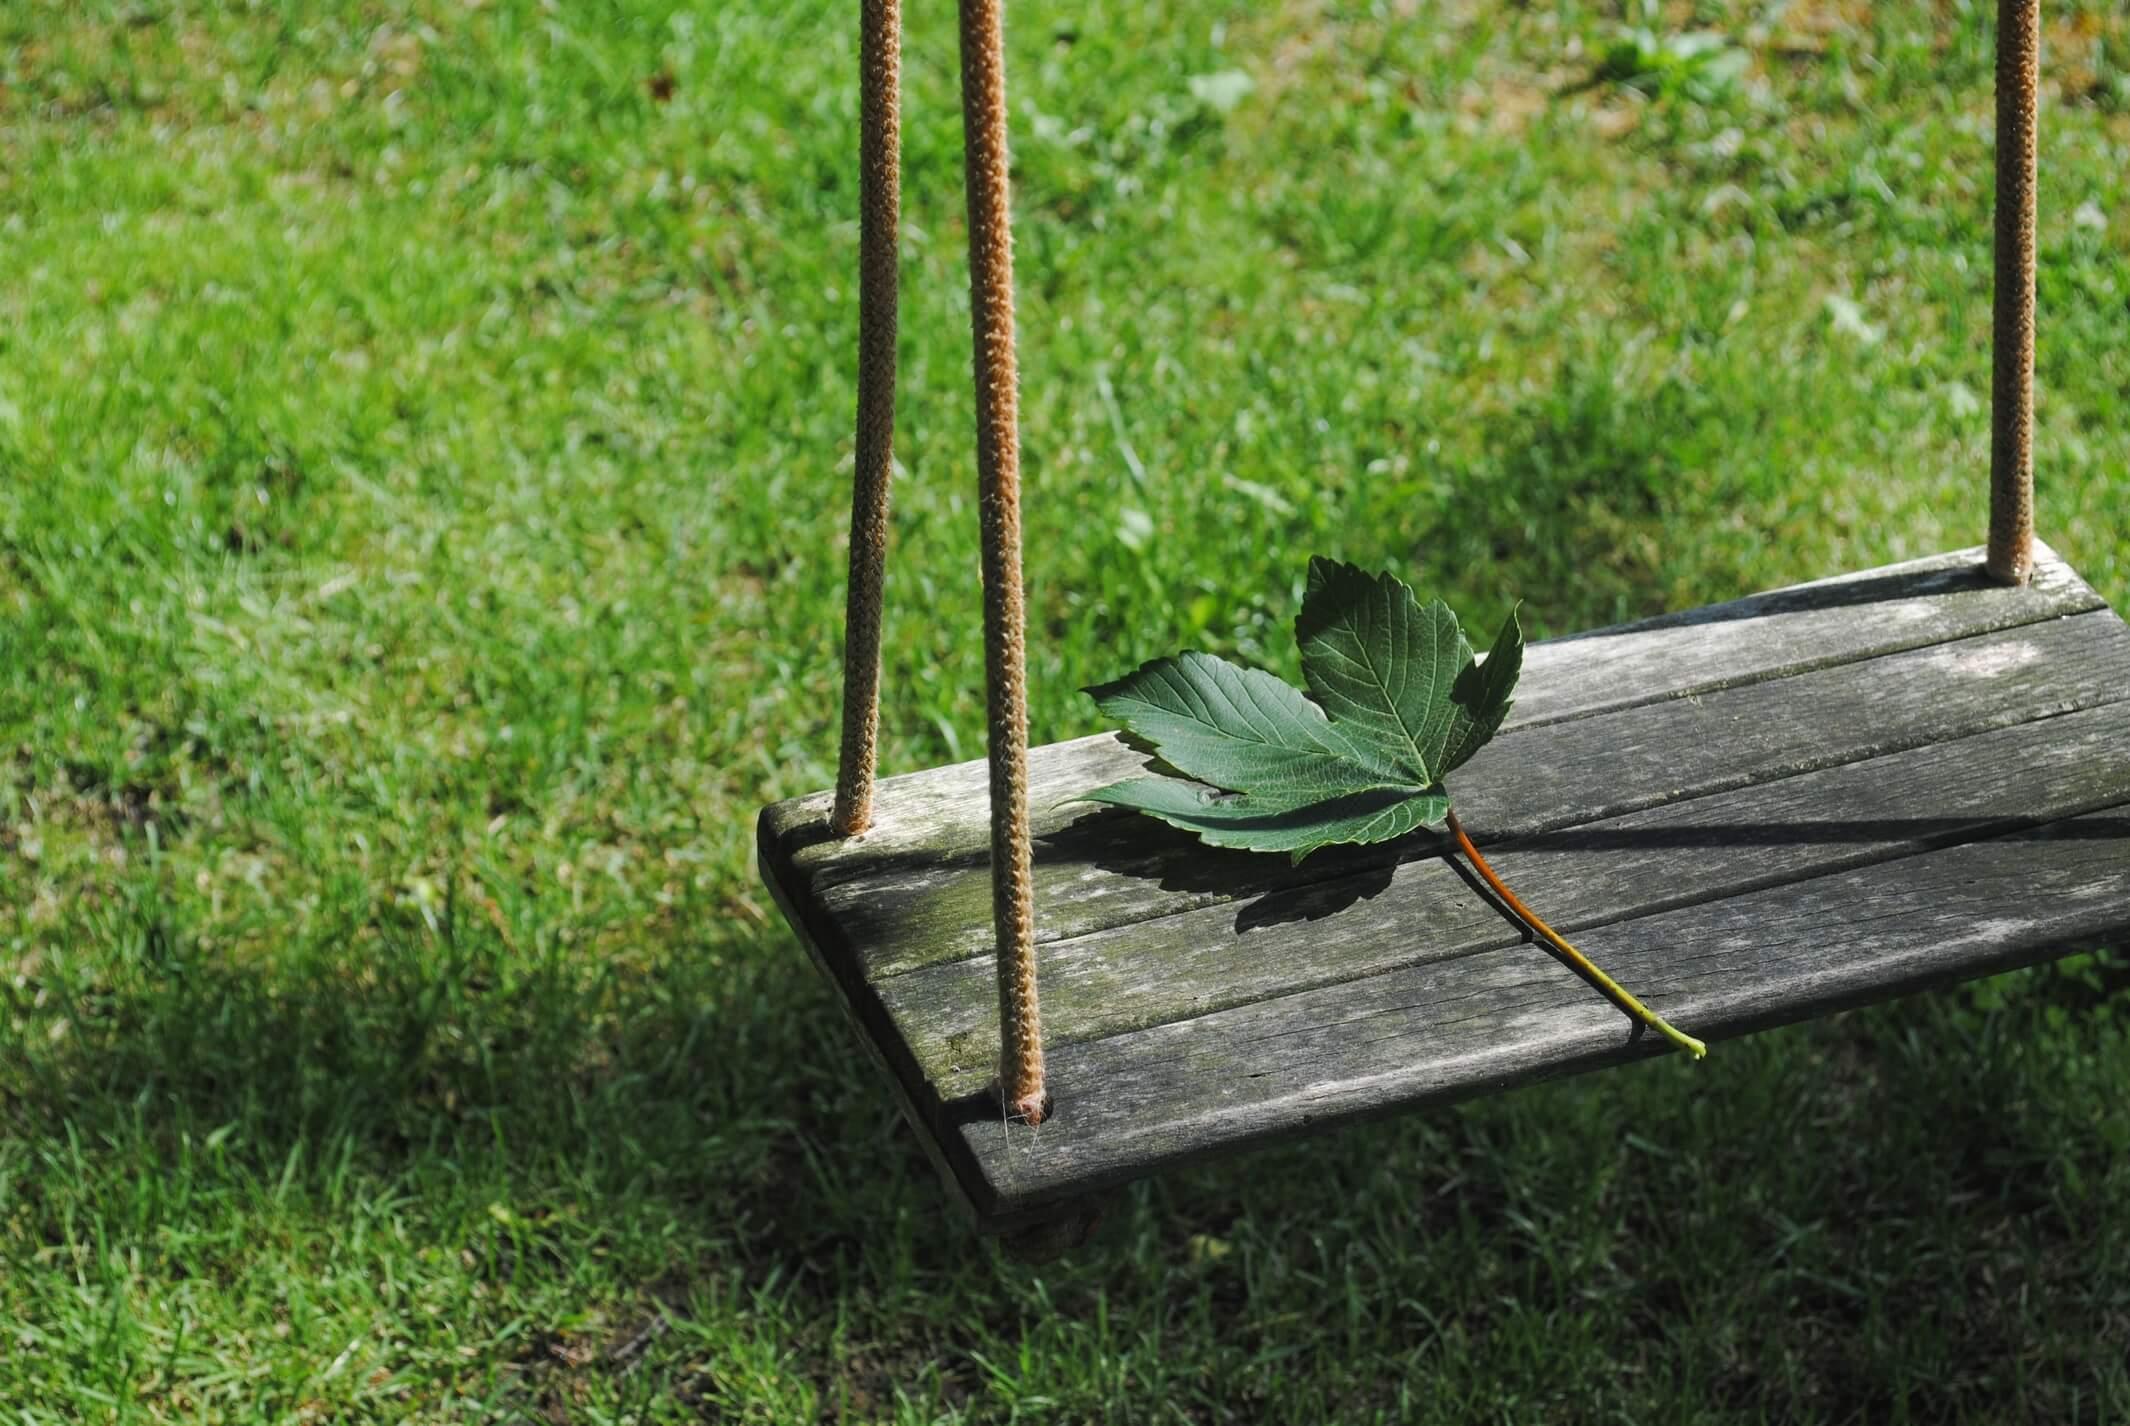 leaf on a swing